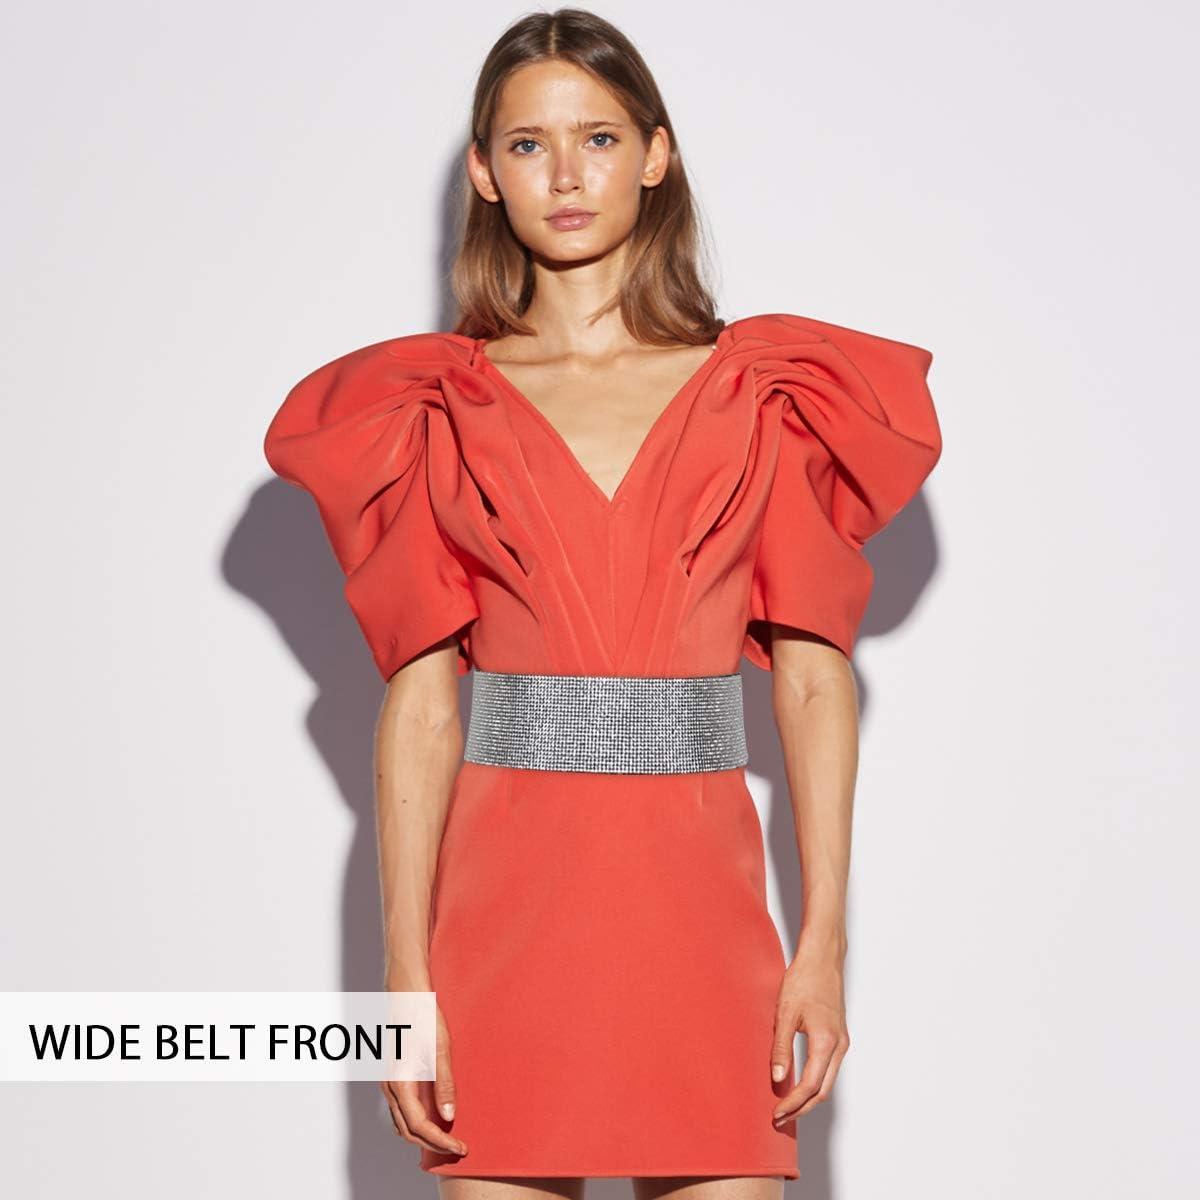 LumiSyne Fashion Leather Elastic Waist Belt For Women Shiny Diamond Rhinestone Decorated Stretch Belt No Buckle Dress Belt